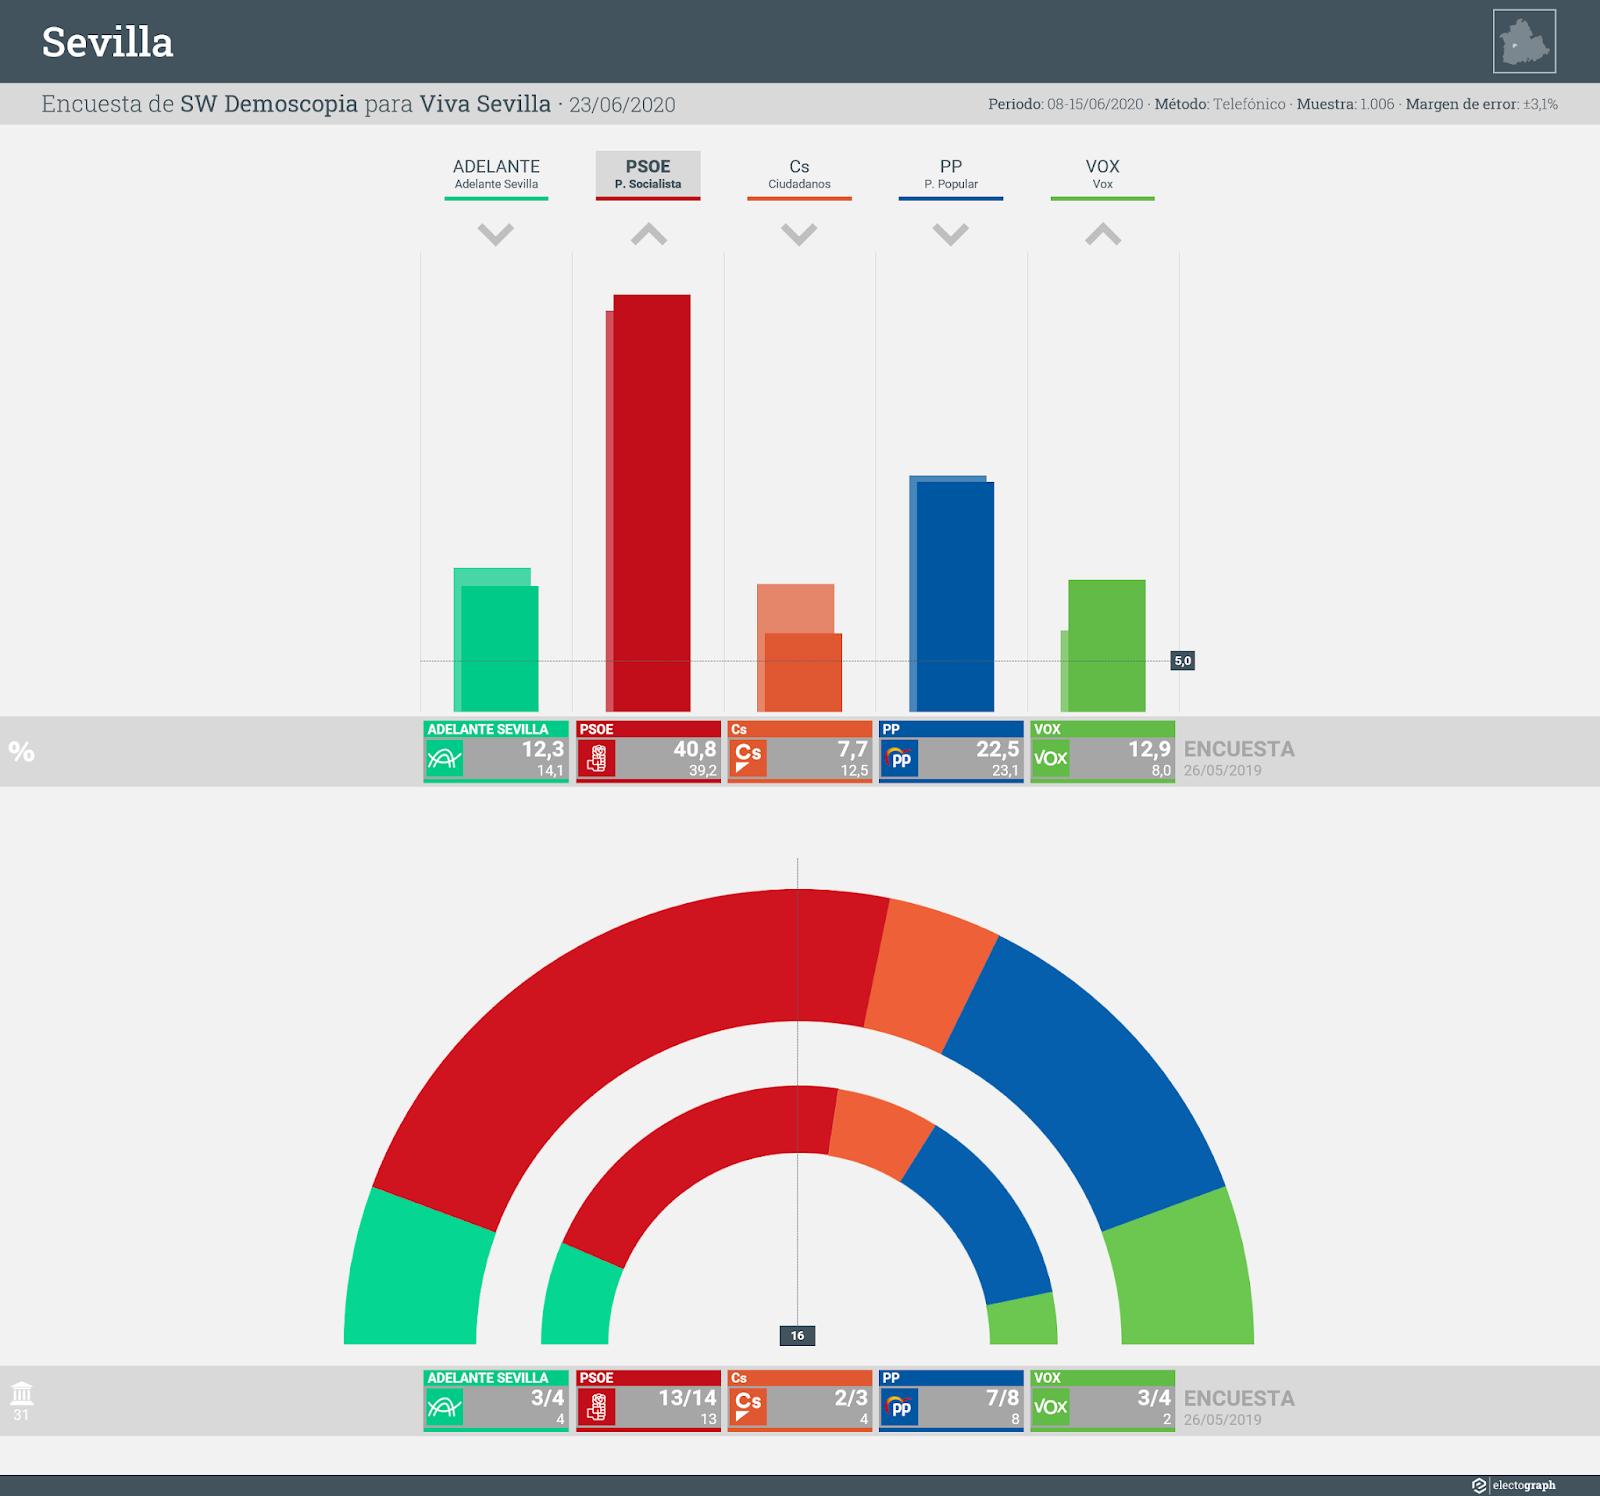 Gráfico de la encuesta para elecciones municipales en Sevilla realizada por SW Demoscopia para Viva Sevilla, 23 de junio de 2020